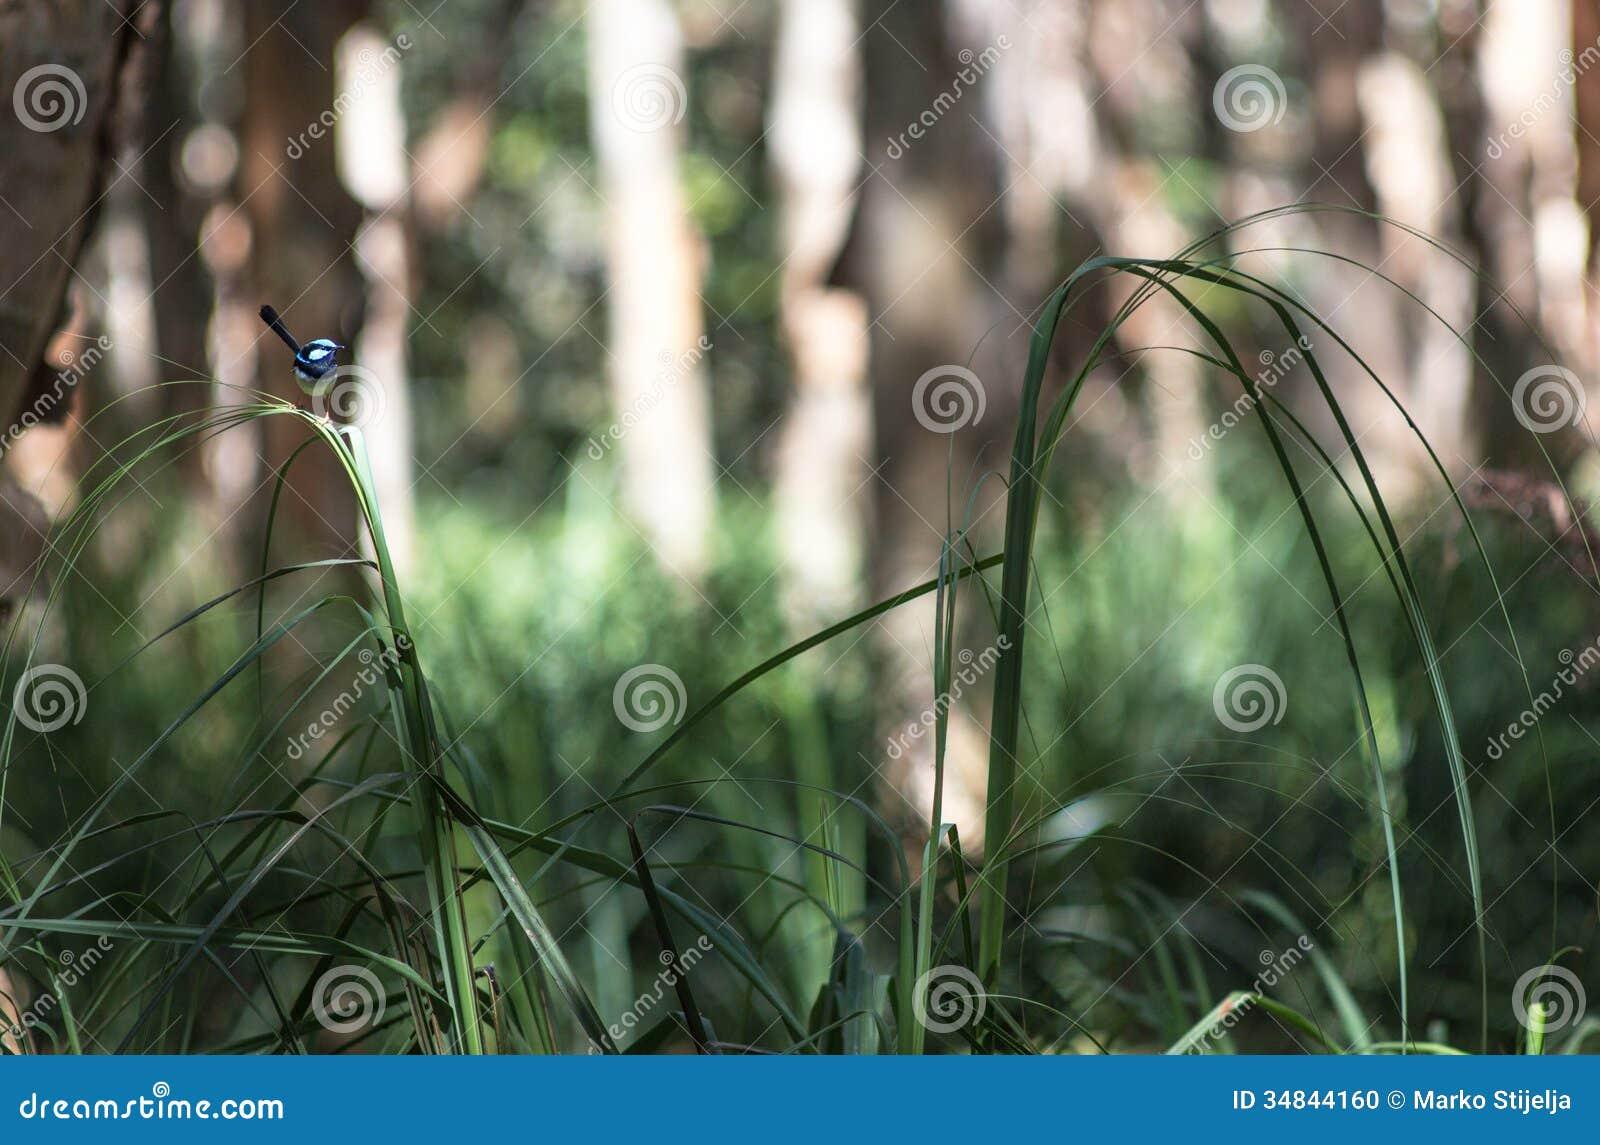 Kleiner blauer Vogel, der auf einem Grasblatt sitzt